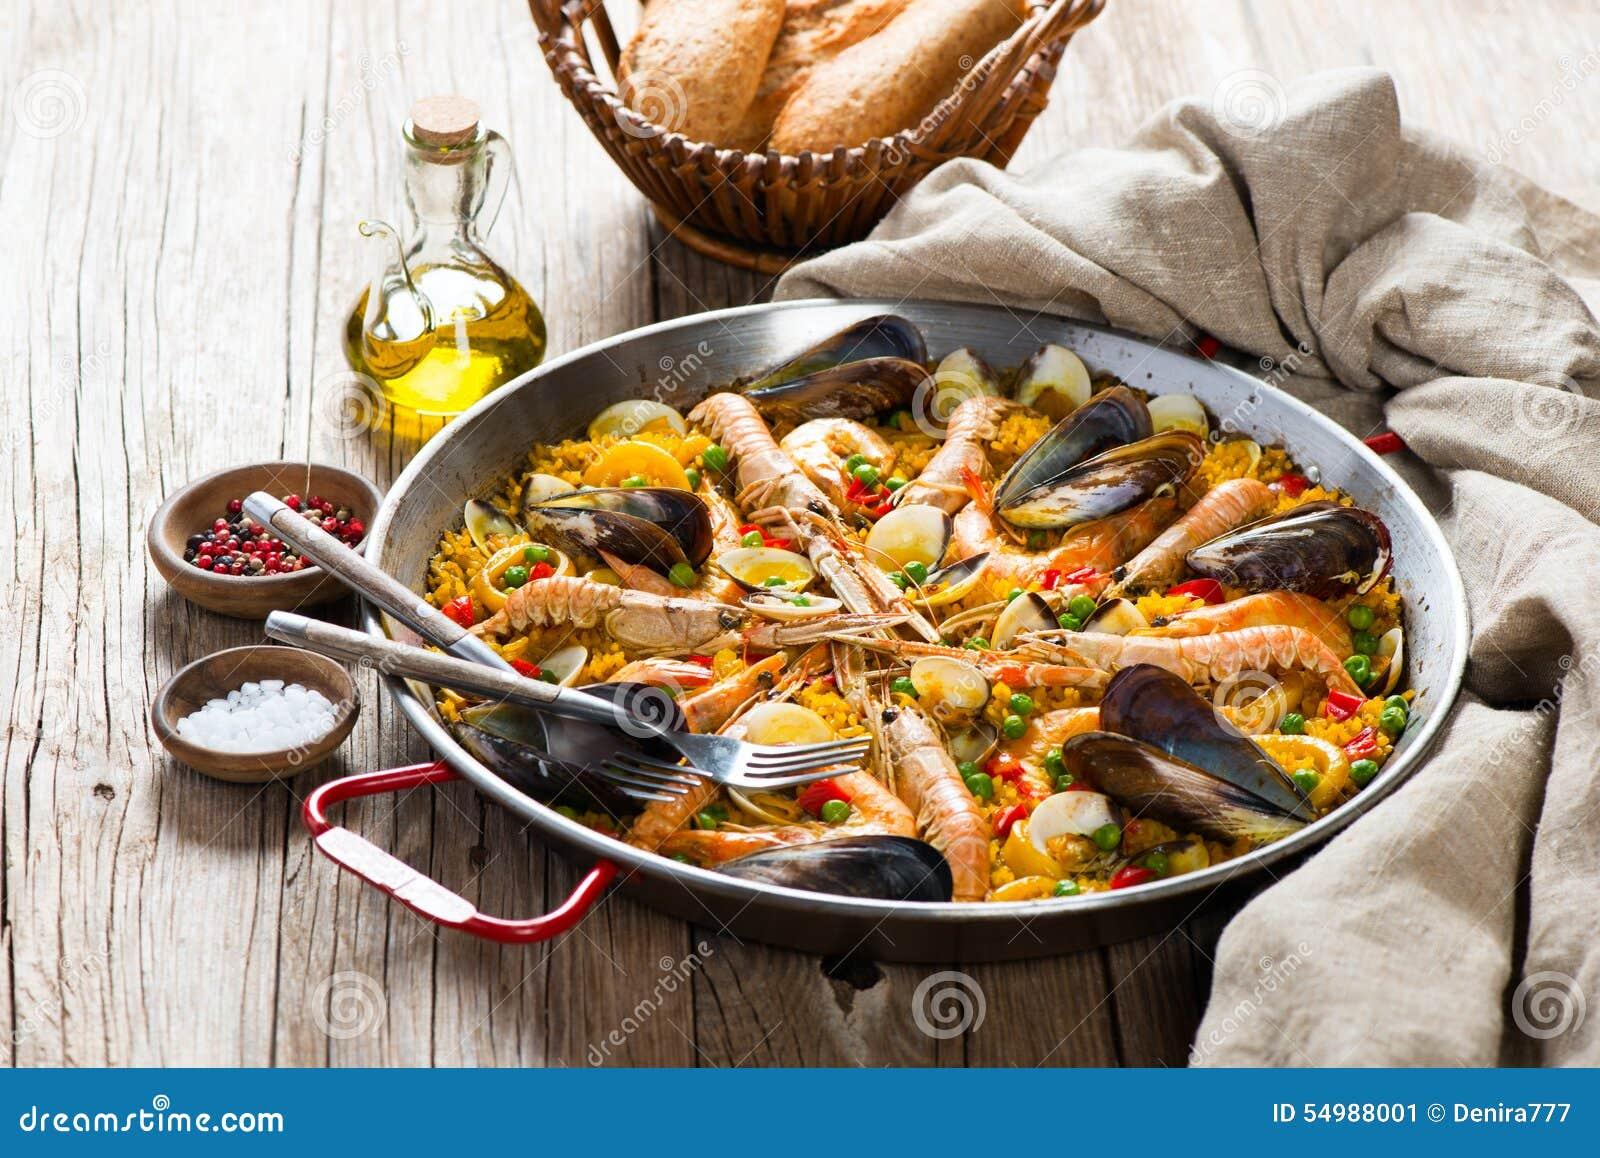 Χαρακτηριστικό ισπανικό paella θαλασσινών